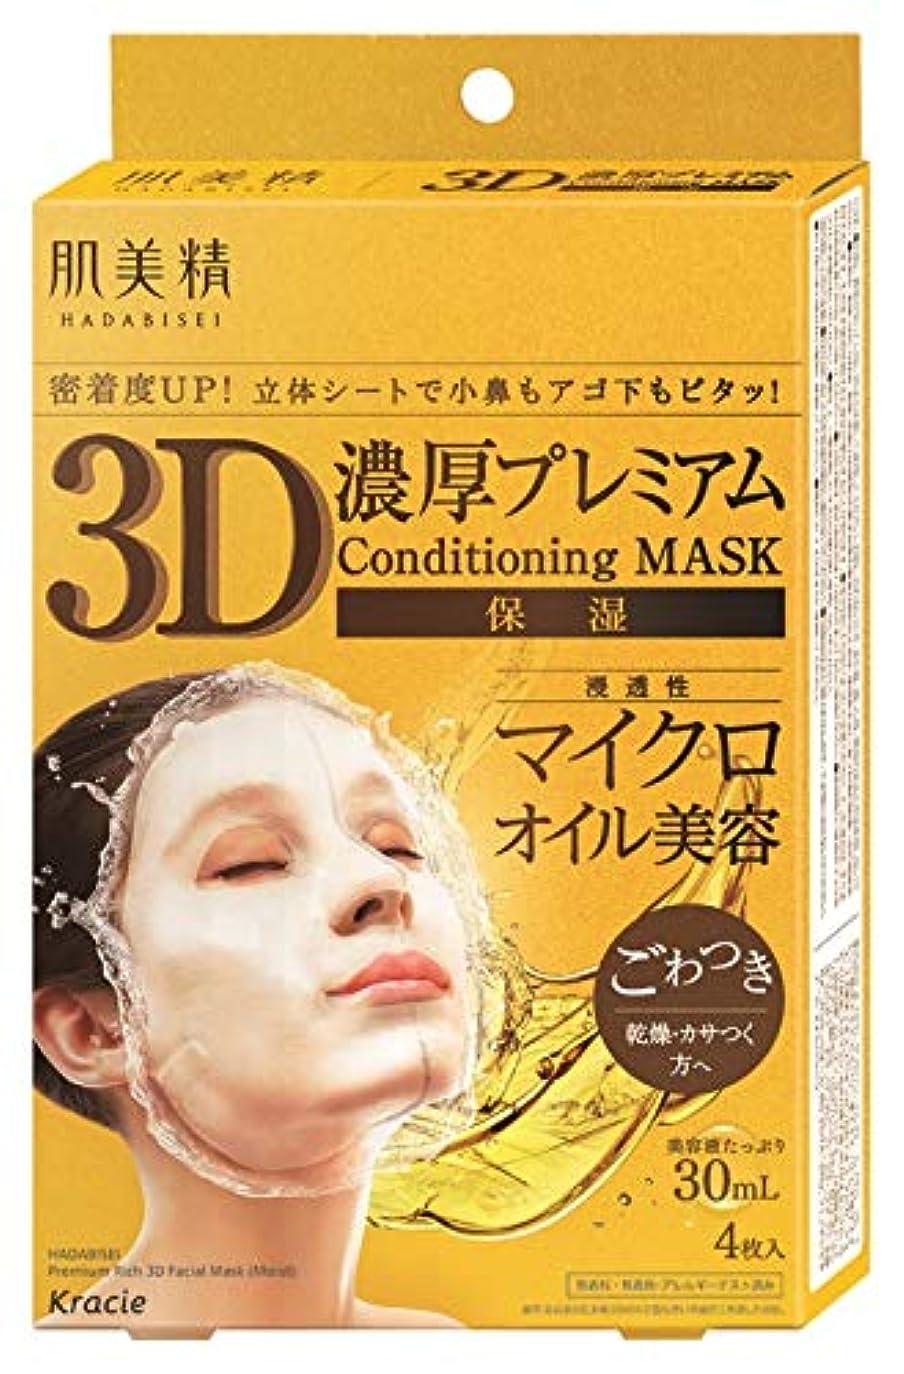 援助美的鮫肌美精 3D濃厚プレミアムマスク(保湿)4枚